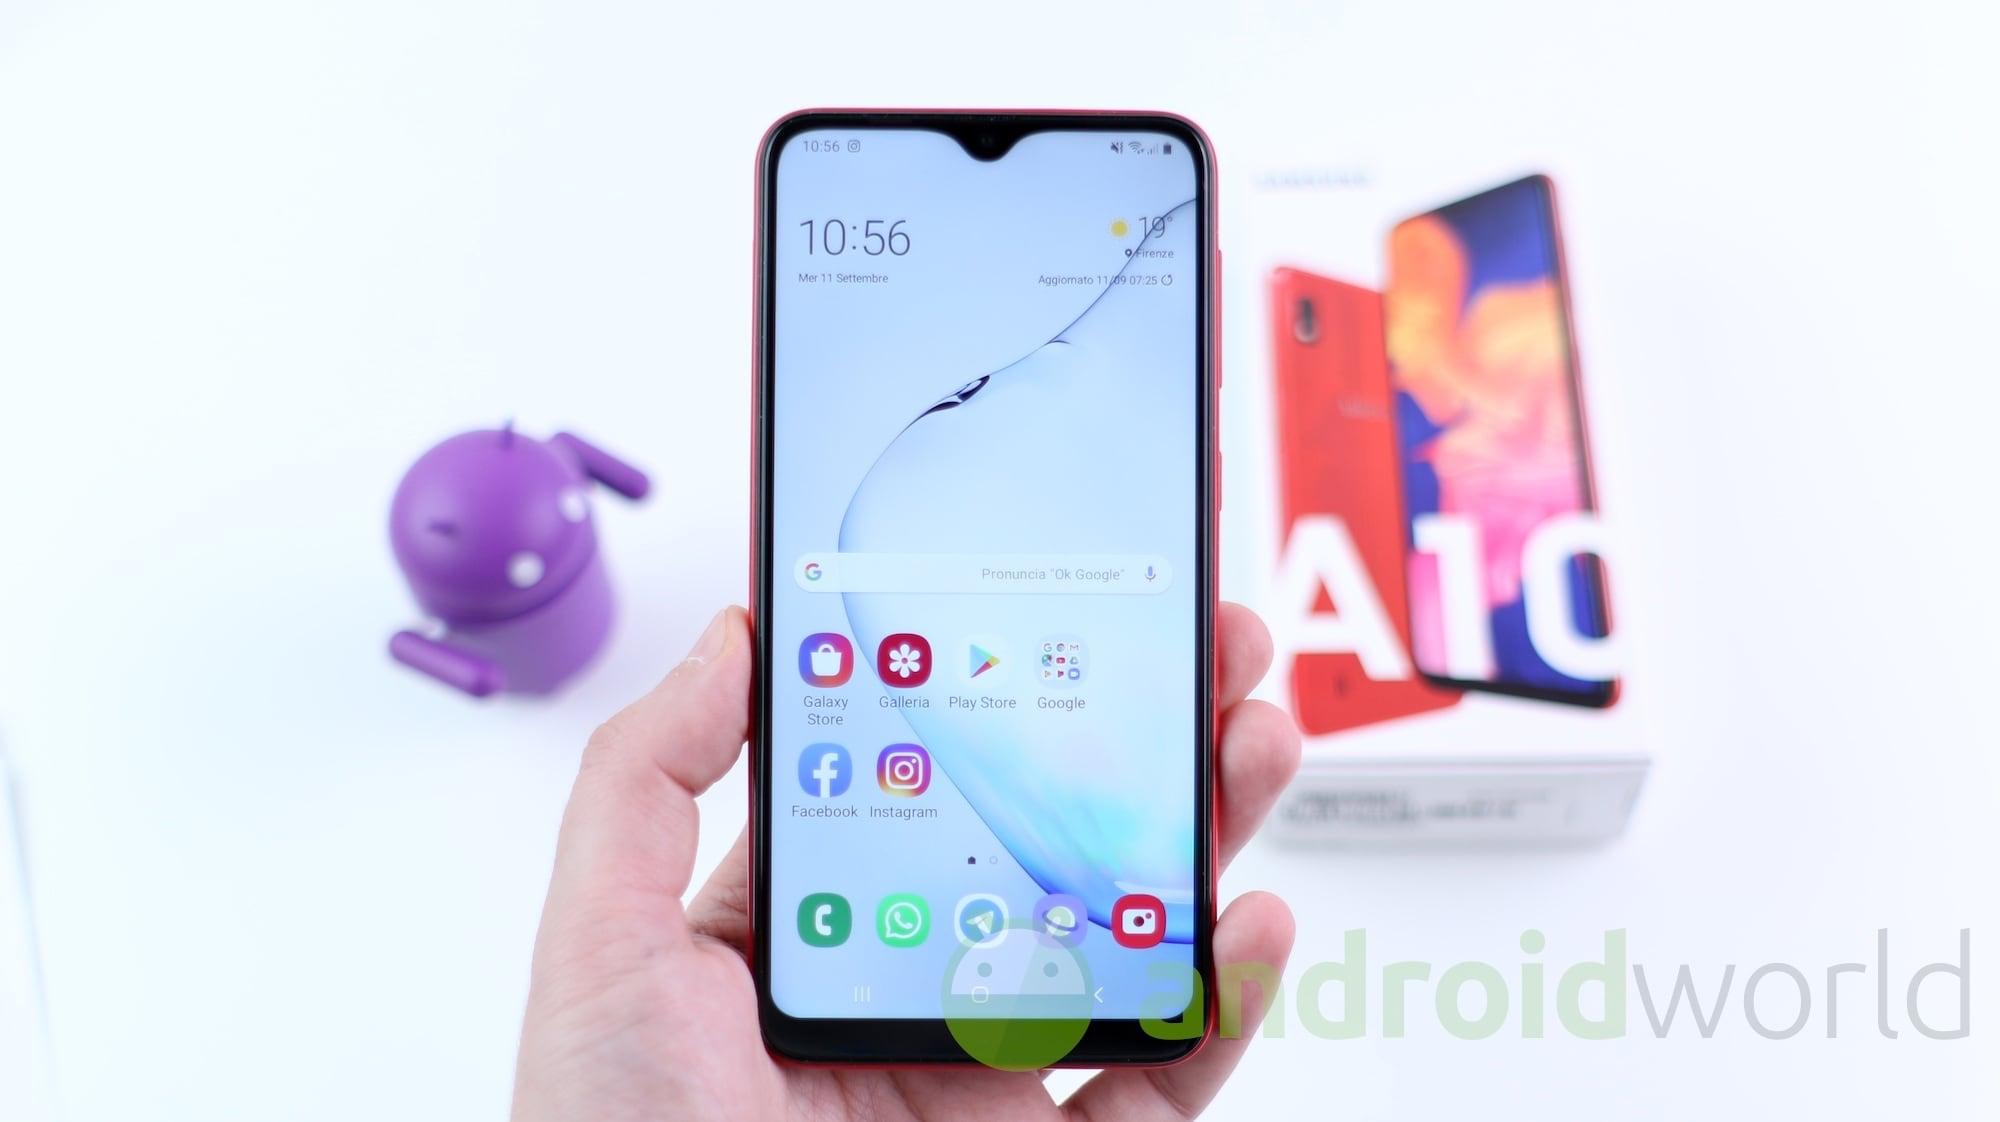 Galaxy A10 festeggia l'arrivo di Android 11: rollout ufficiale in India